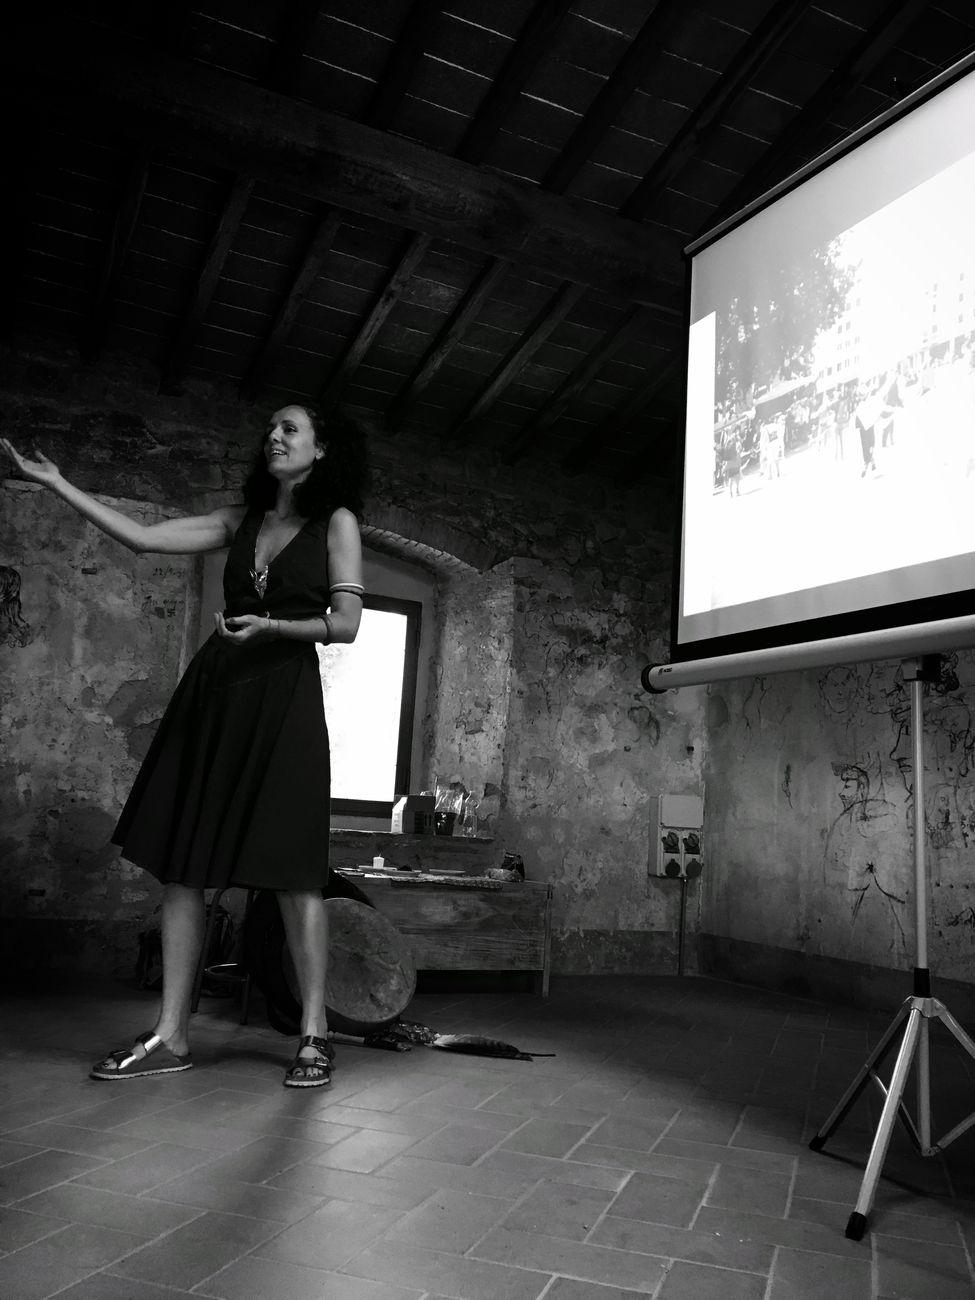 Laura Cionci, workshop Speculare dentro, Fornace del Museo, Montelupo Fiorentino, 10 luglio 2021. Photo Emanuela Barilozzi Caruso